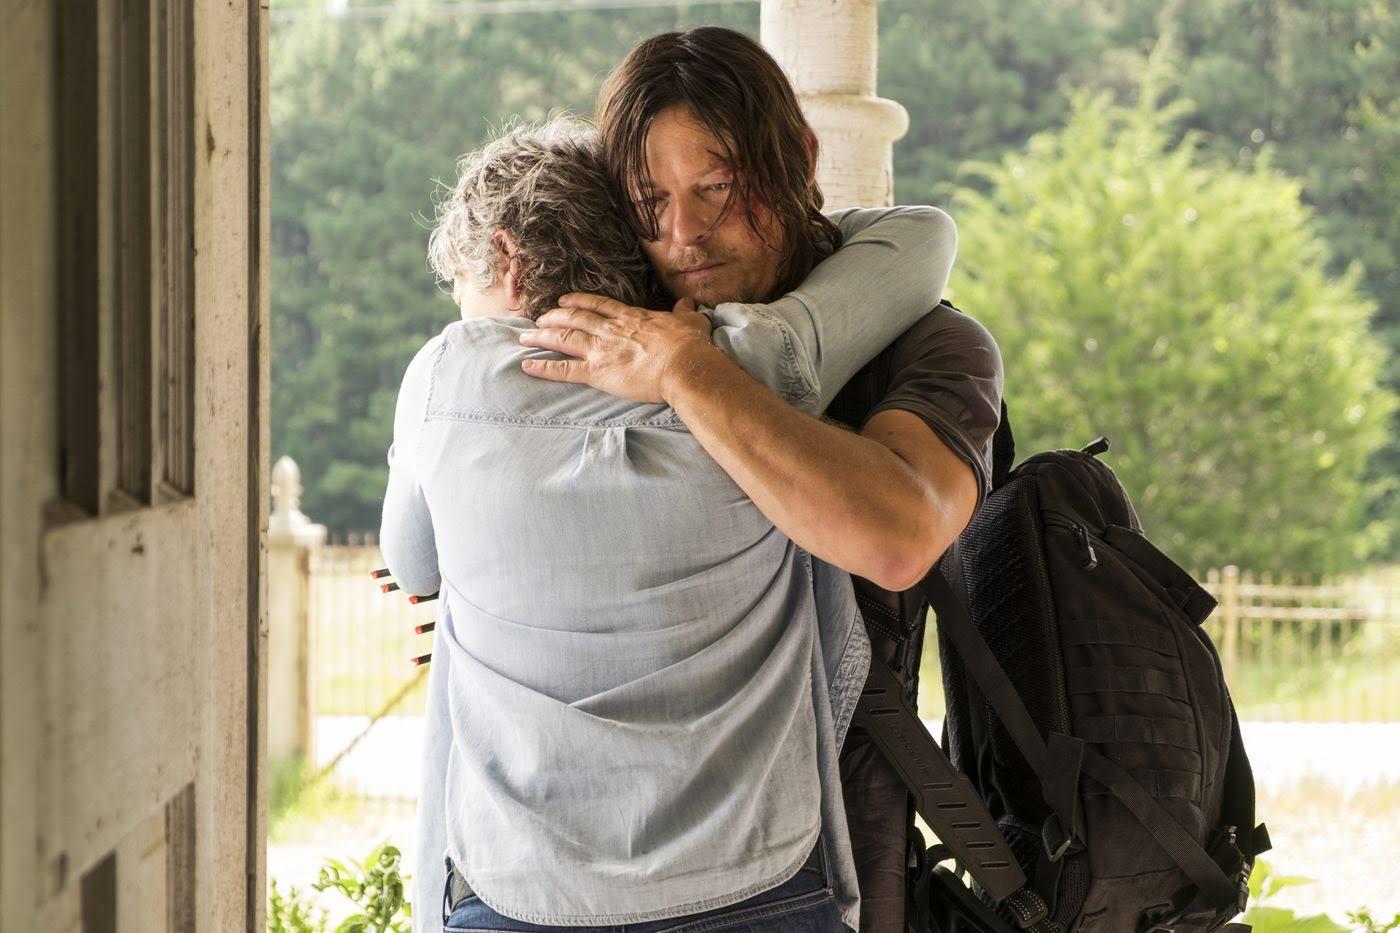 The Walking Dead Season 7 Episode 10 New Best Friends Review Inside Media Track